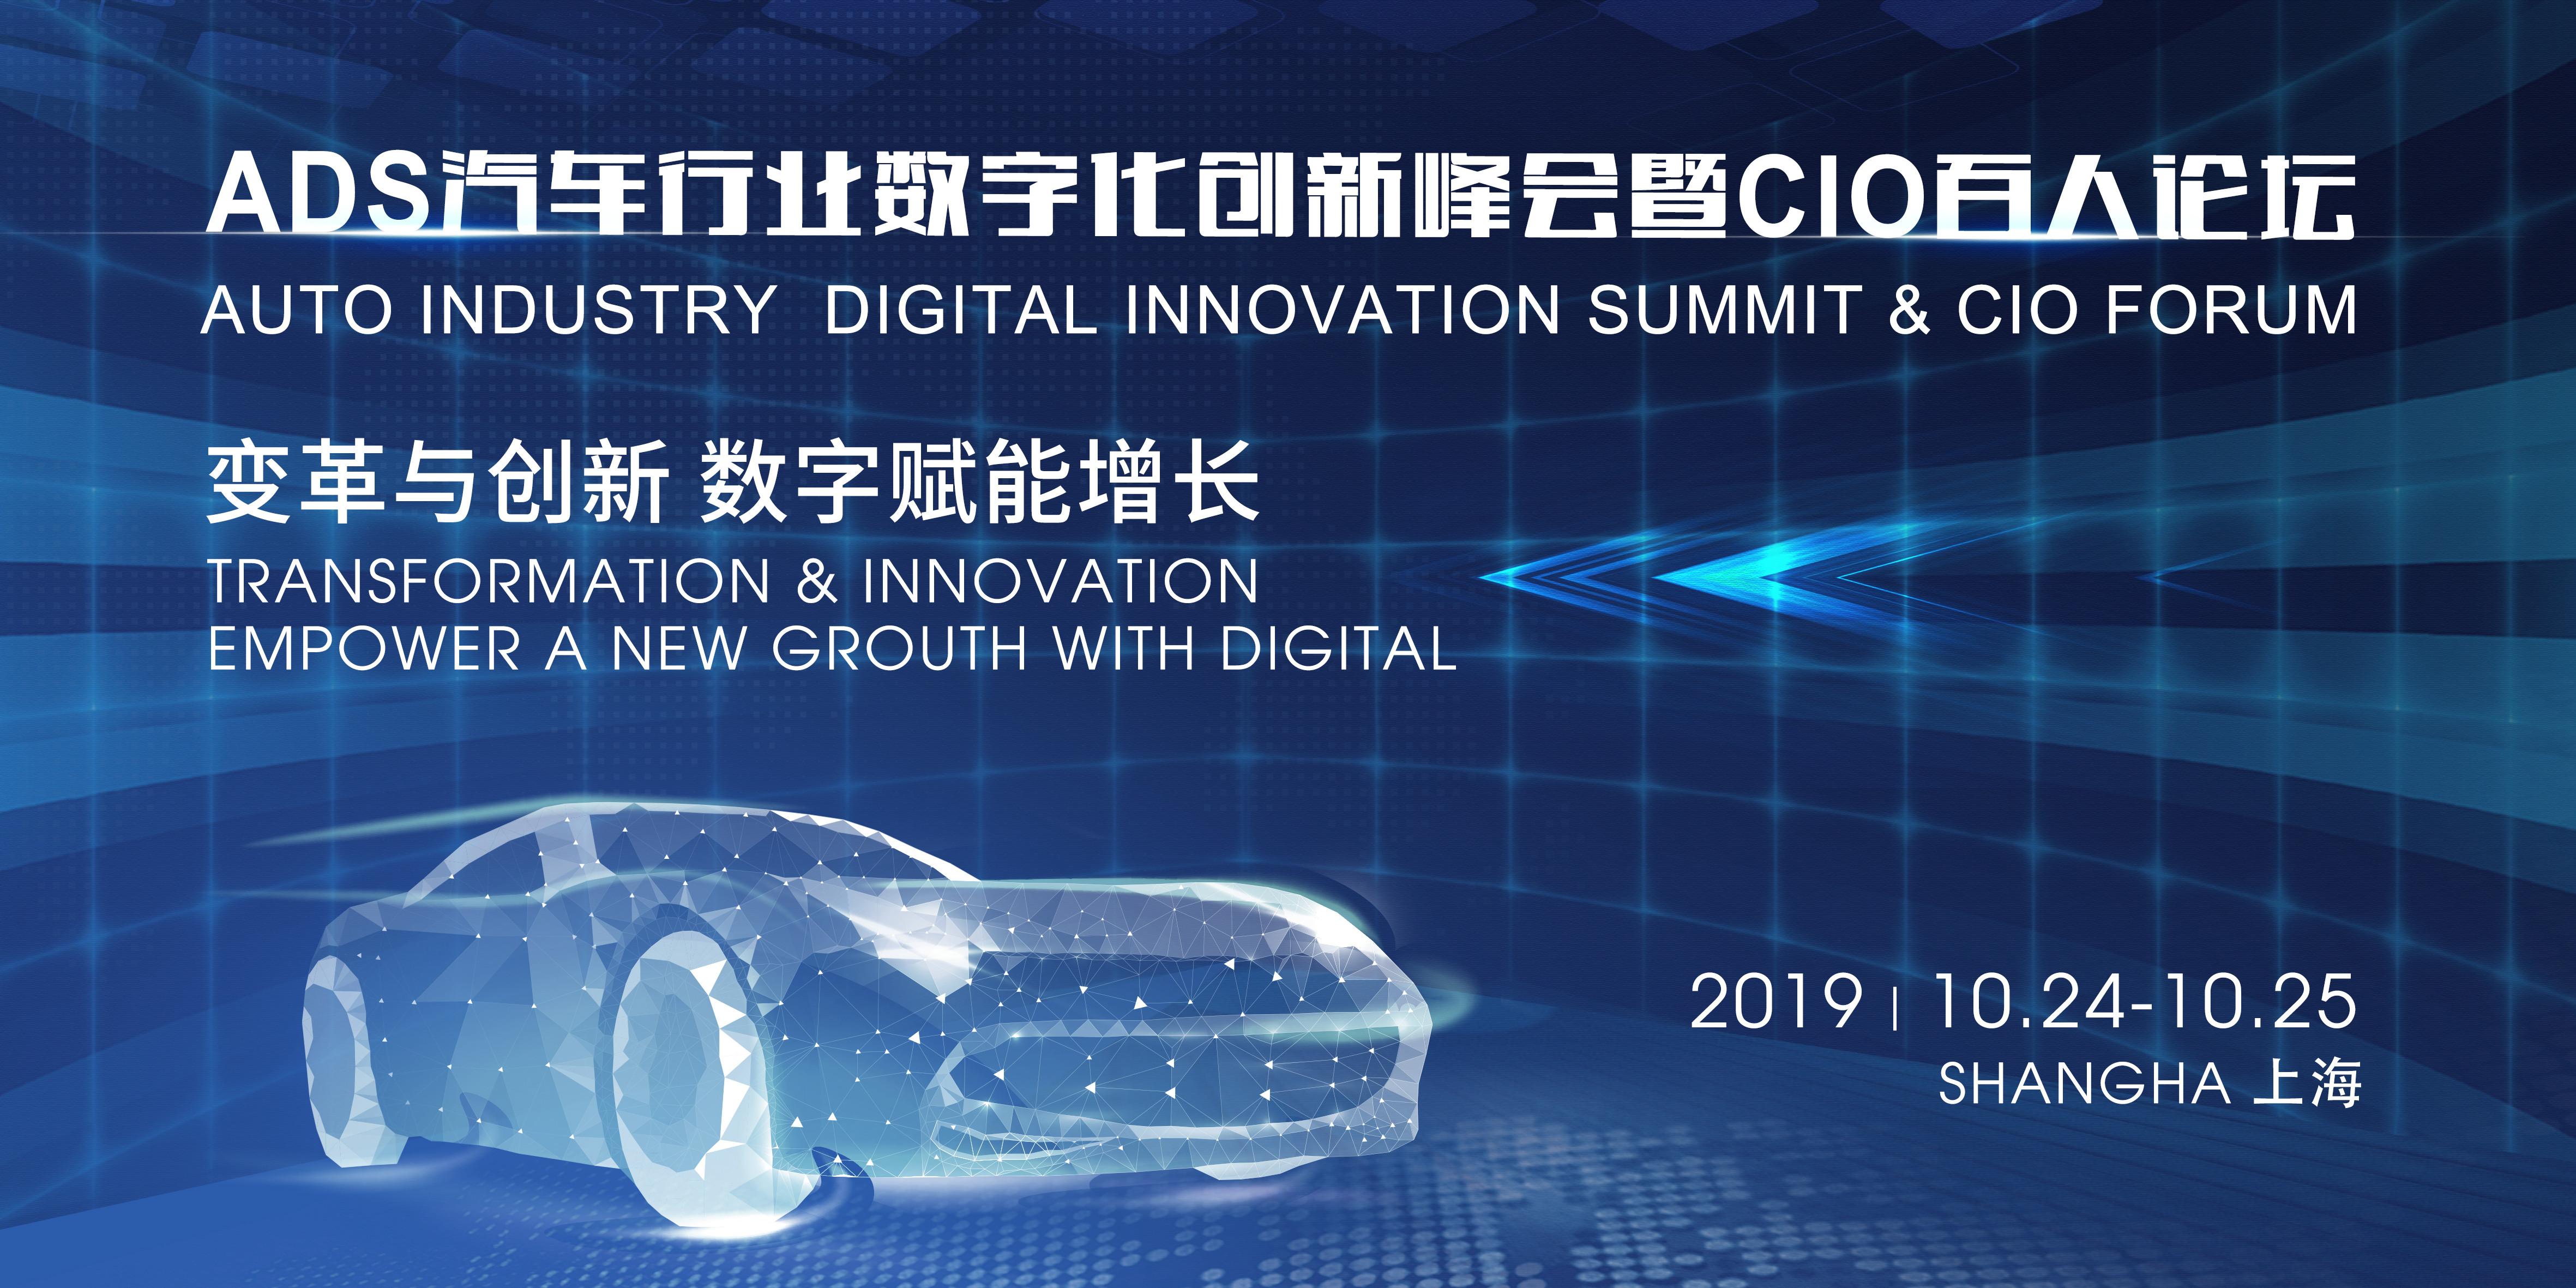 2019ADS汽车行业数字化创新峰会暨CIO百人论坛(上海)